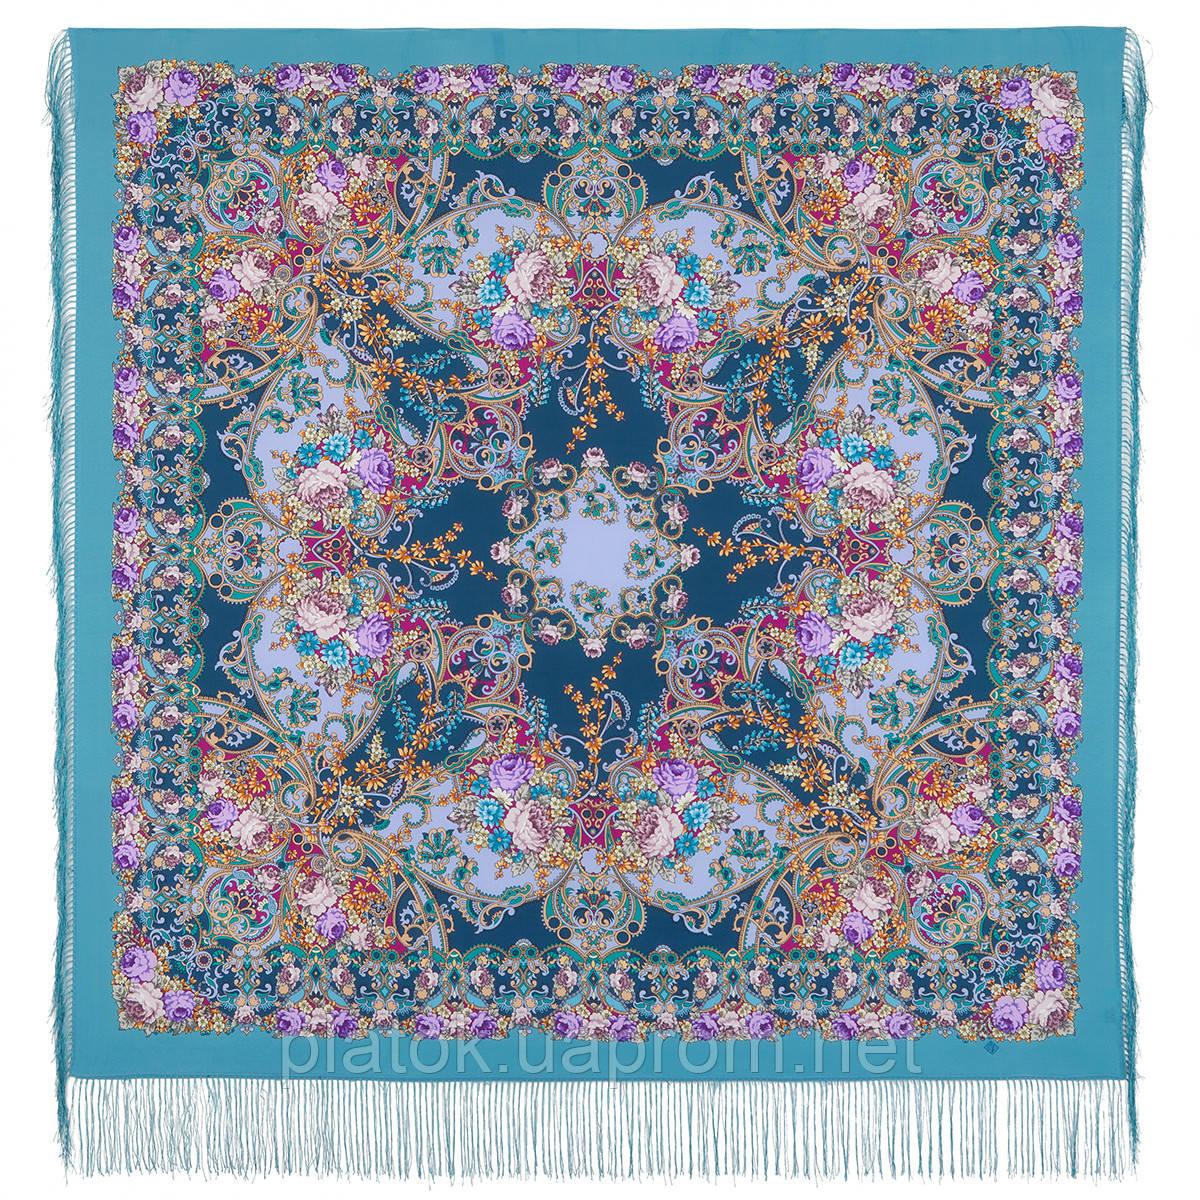 Кружевной 951-13, павлопосадский платок (шаль, крепдешин) шелковый с шелковой бахромой